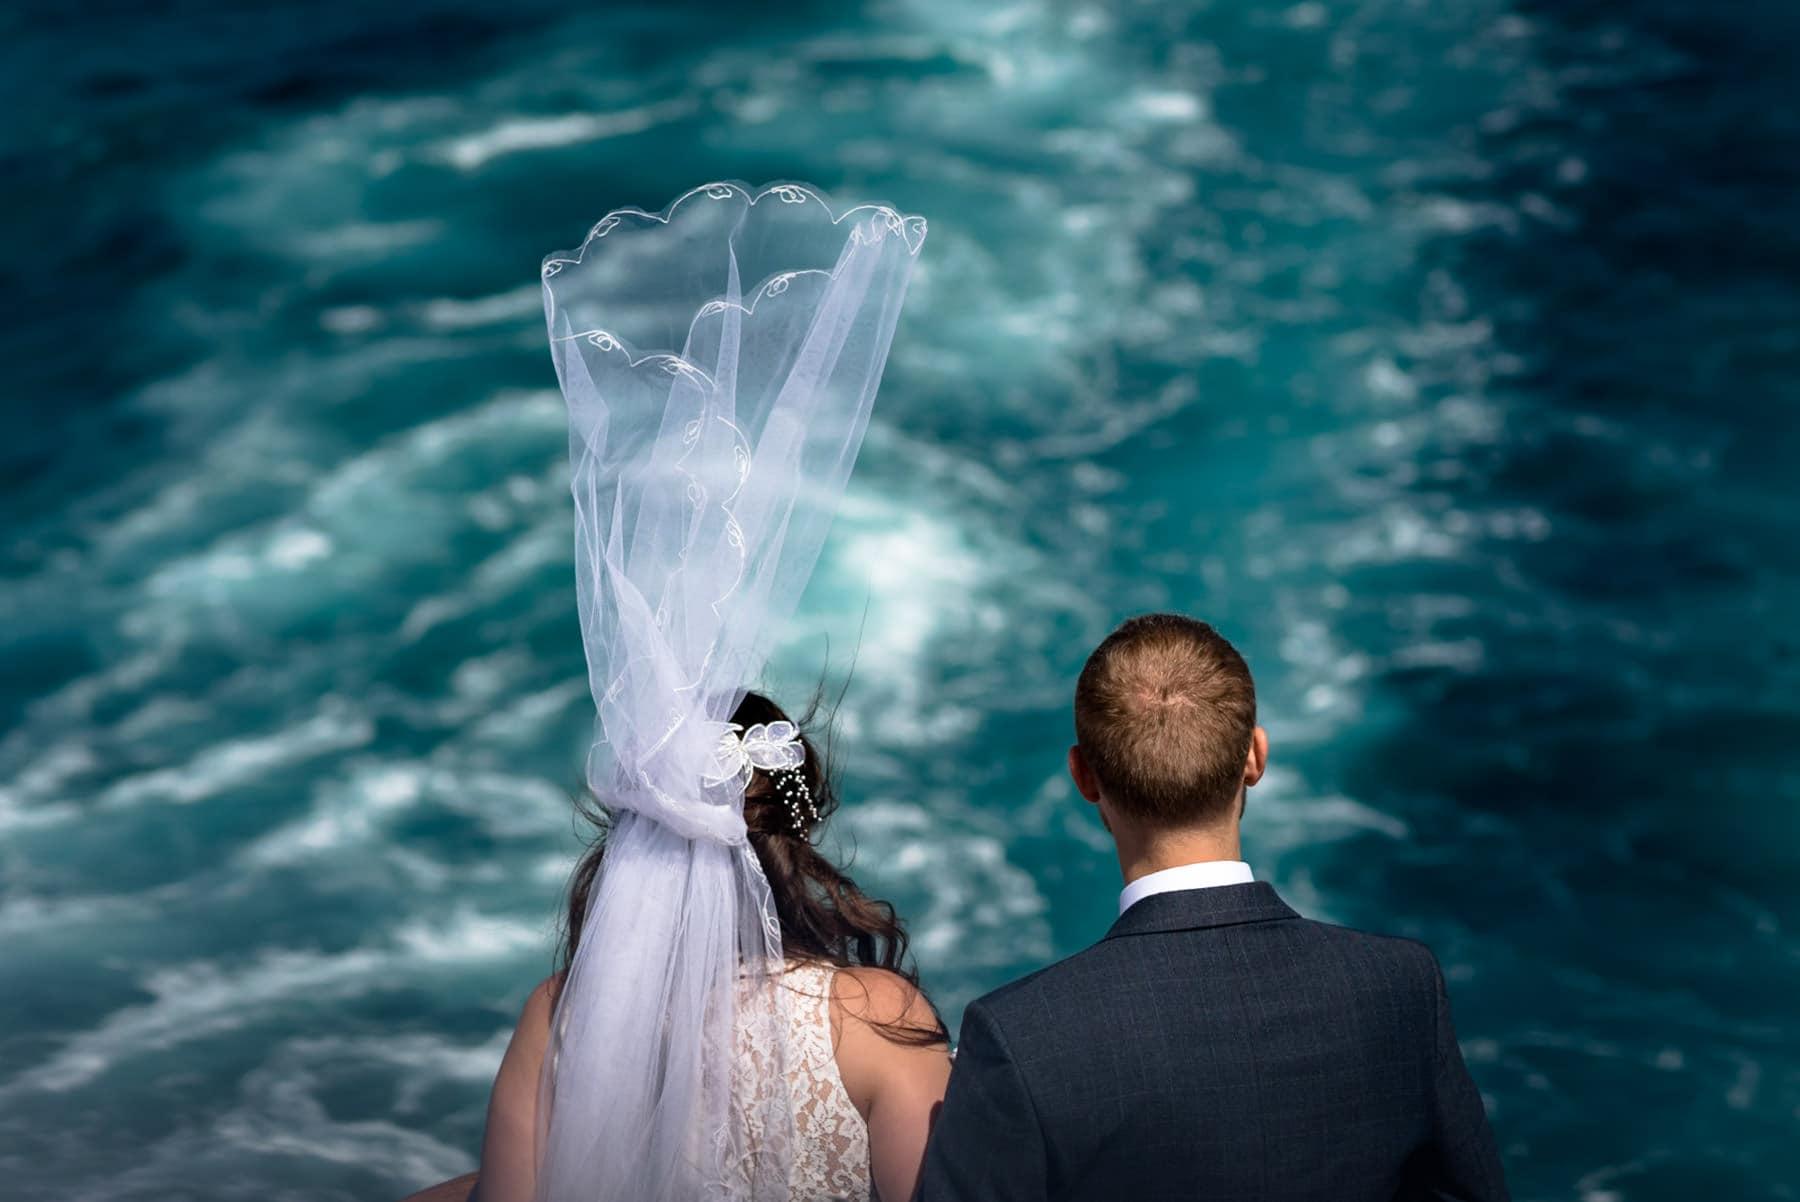 Unique Cruise Ship Wedding Dresses Sketch - All Wedding Dresses ...